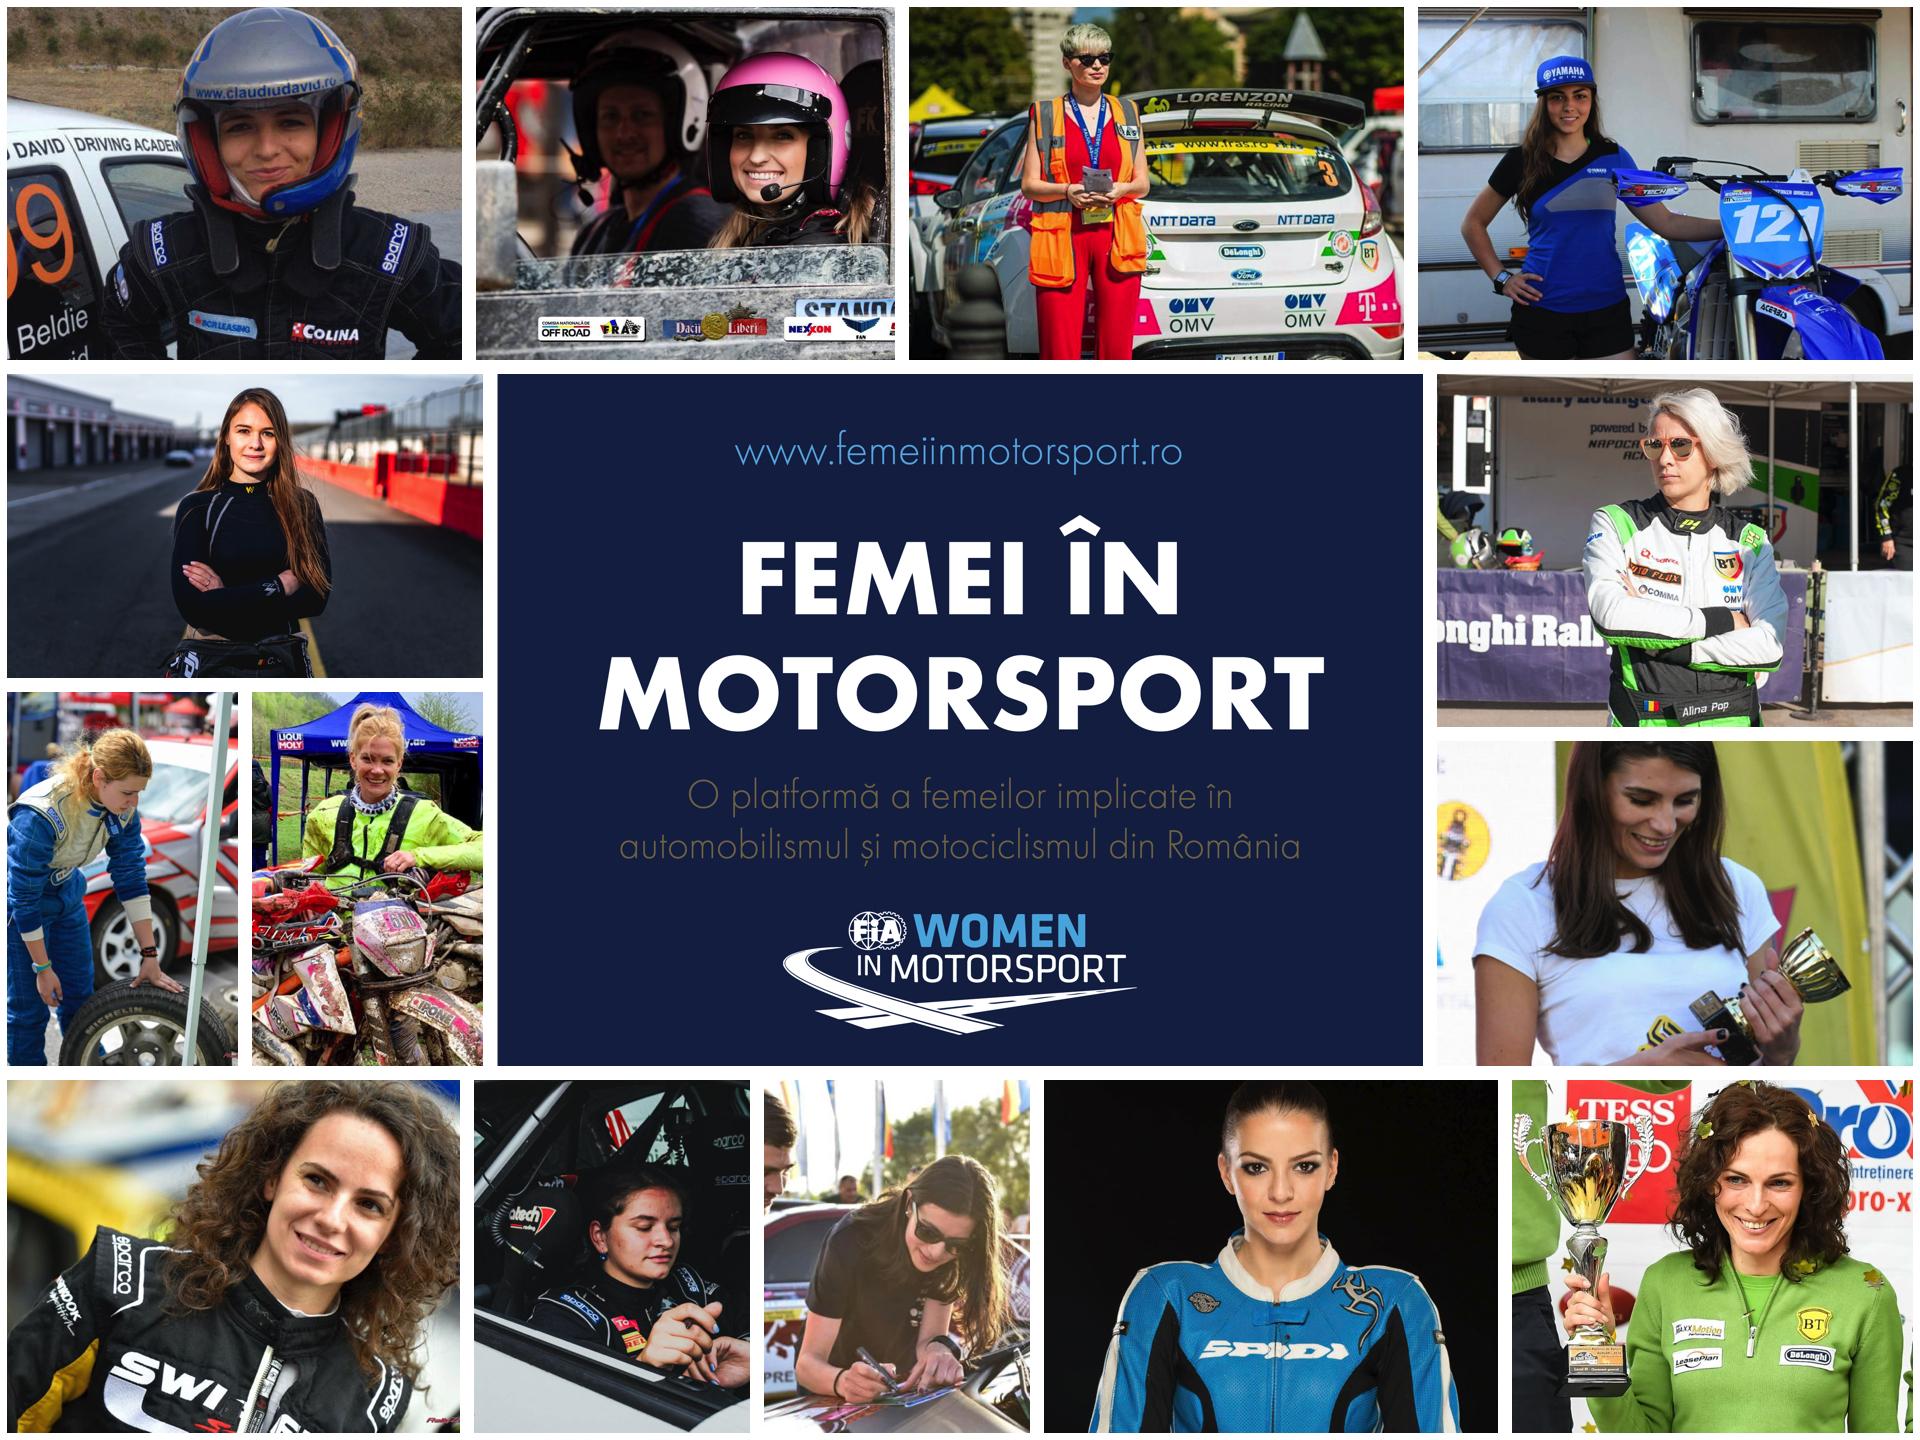 femei in motorsport